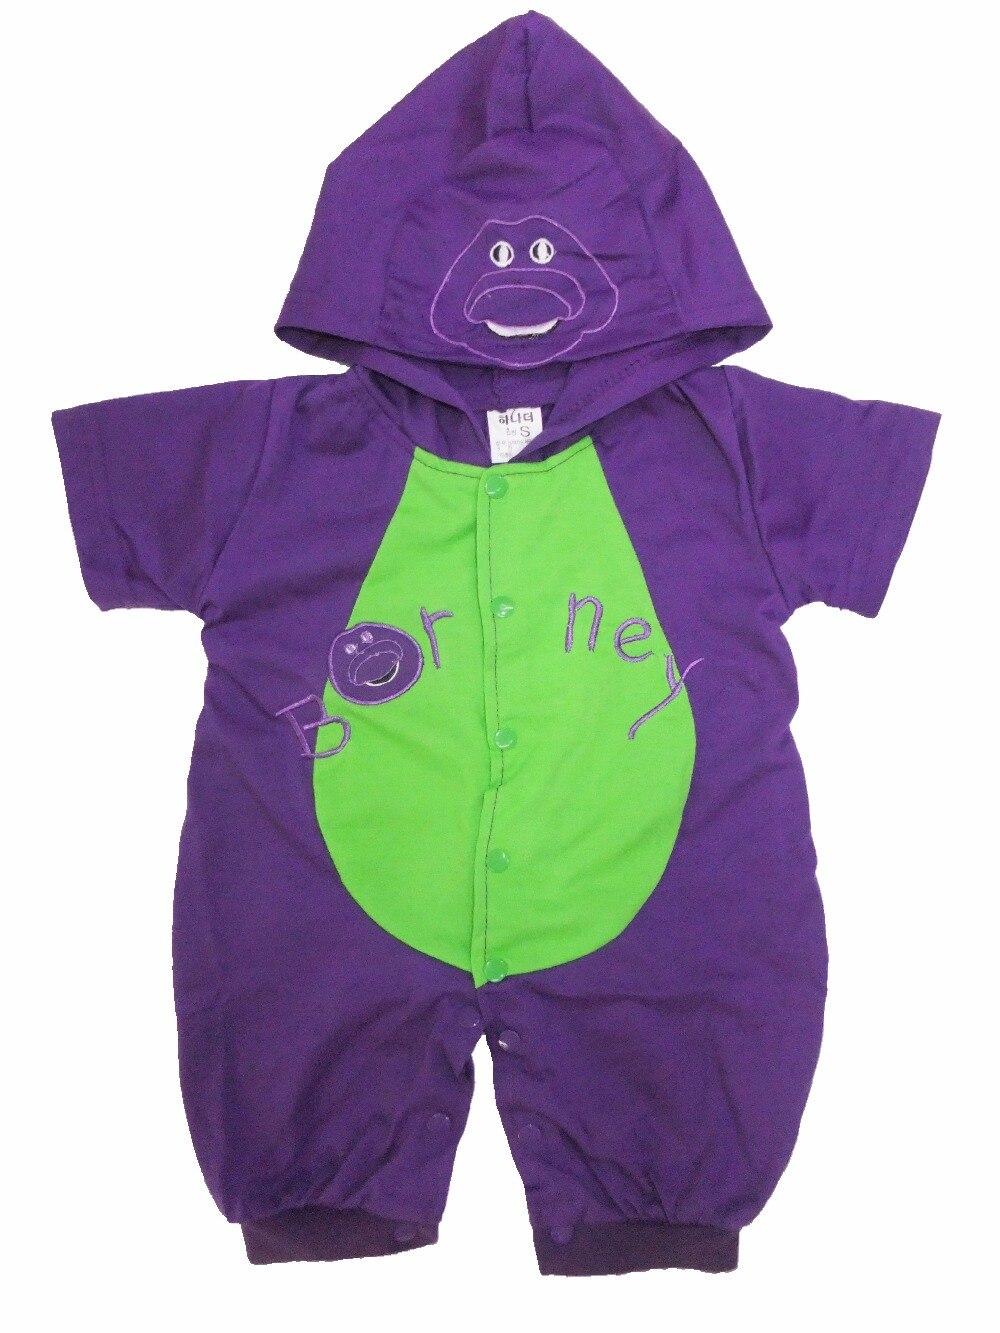 6 mesi-2 anni manica Lunga e manica corta Bambino Comic Teletubbies barney Halloween Costume, Bambino latte Super-fa Tute